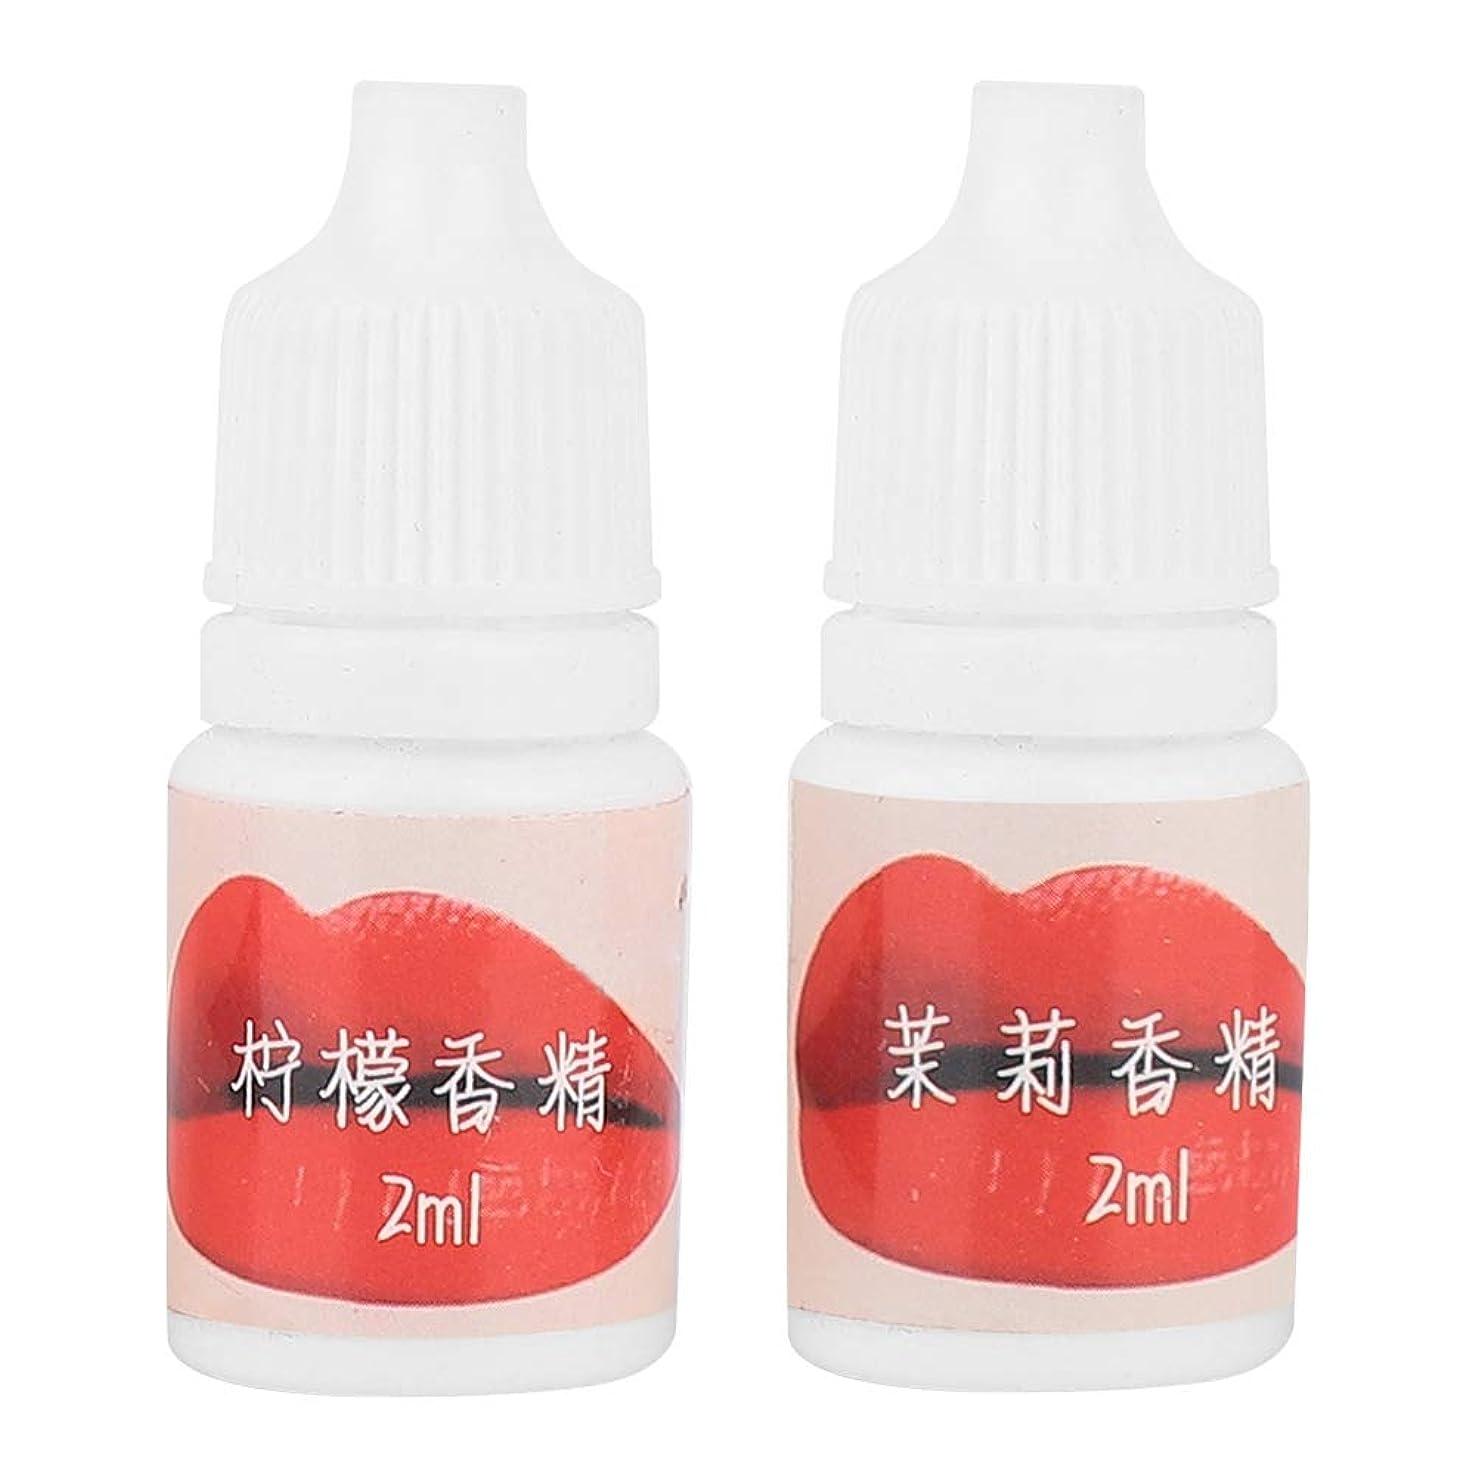 一回バスタブ電卓4個 DIY 口紅 本質の香り 自家製 口紅DIY 粉材料型(01)